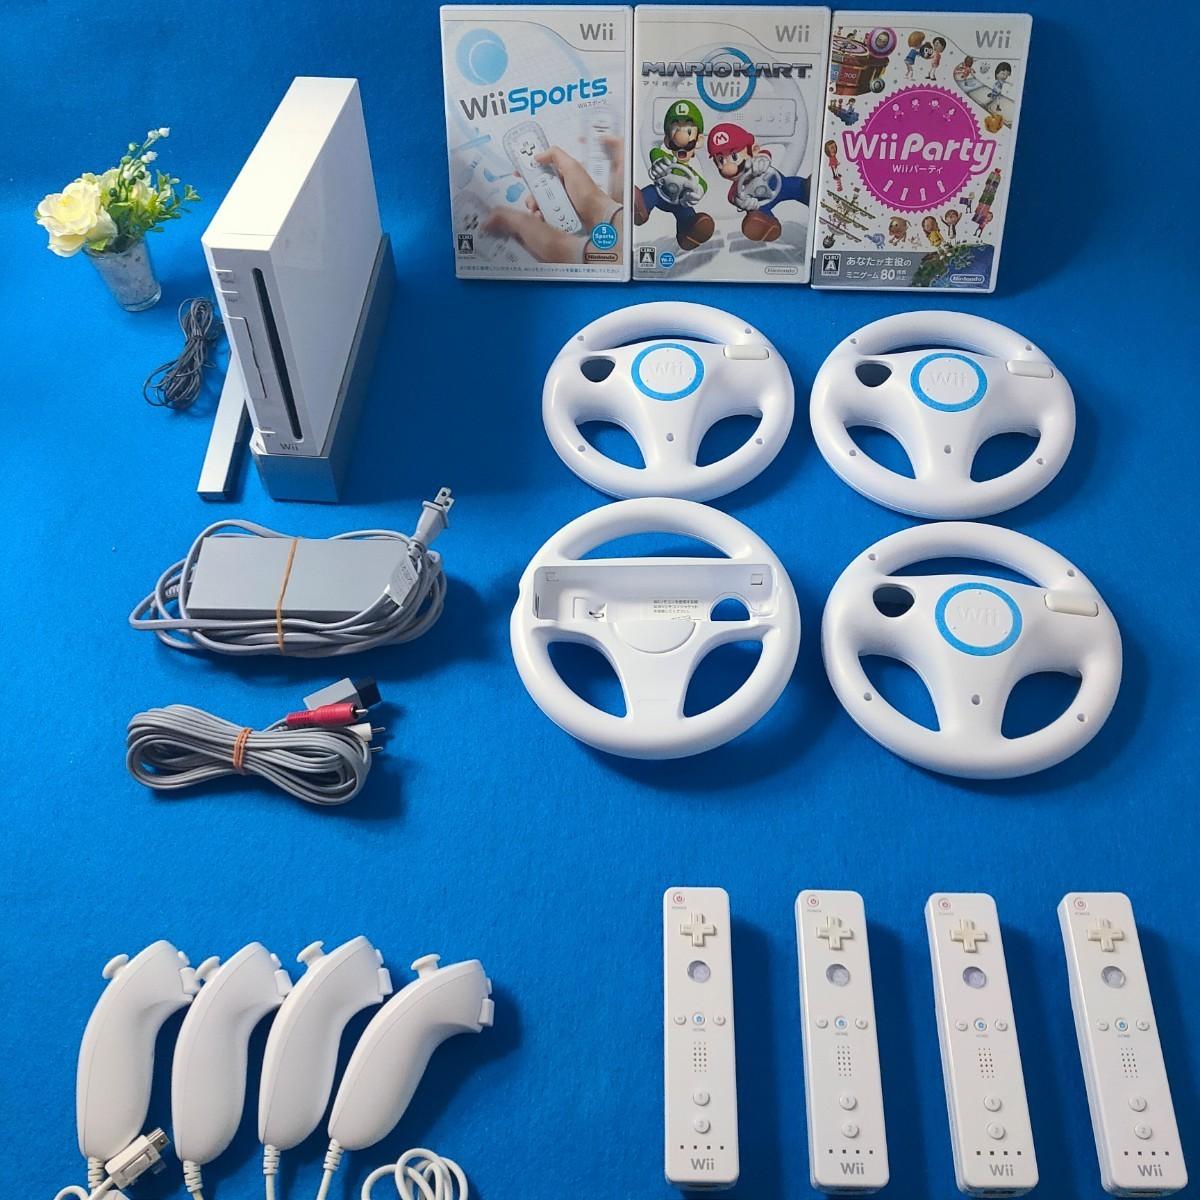 マリオカート 本体一式 ウィーパーティ Wiiスポーツ ハンドル4個